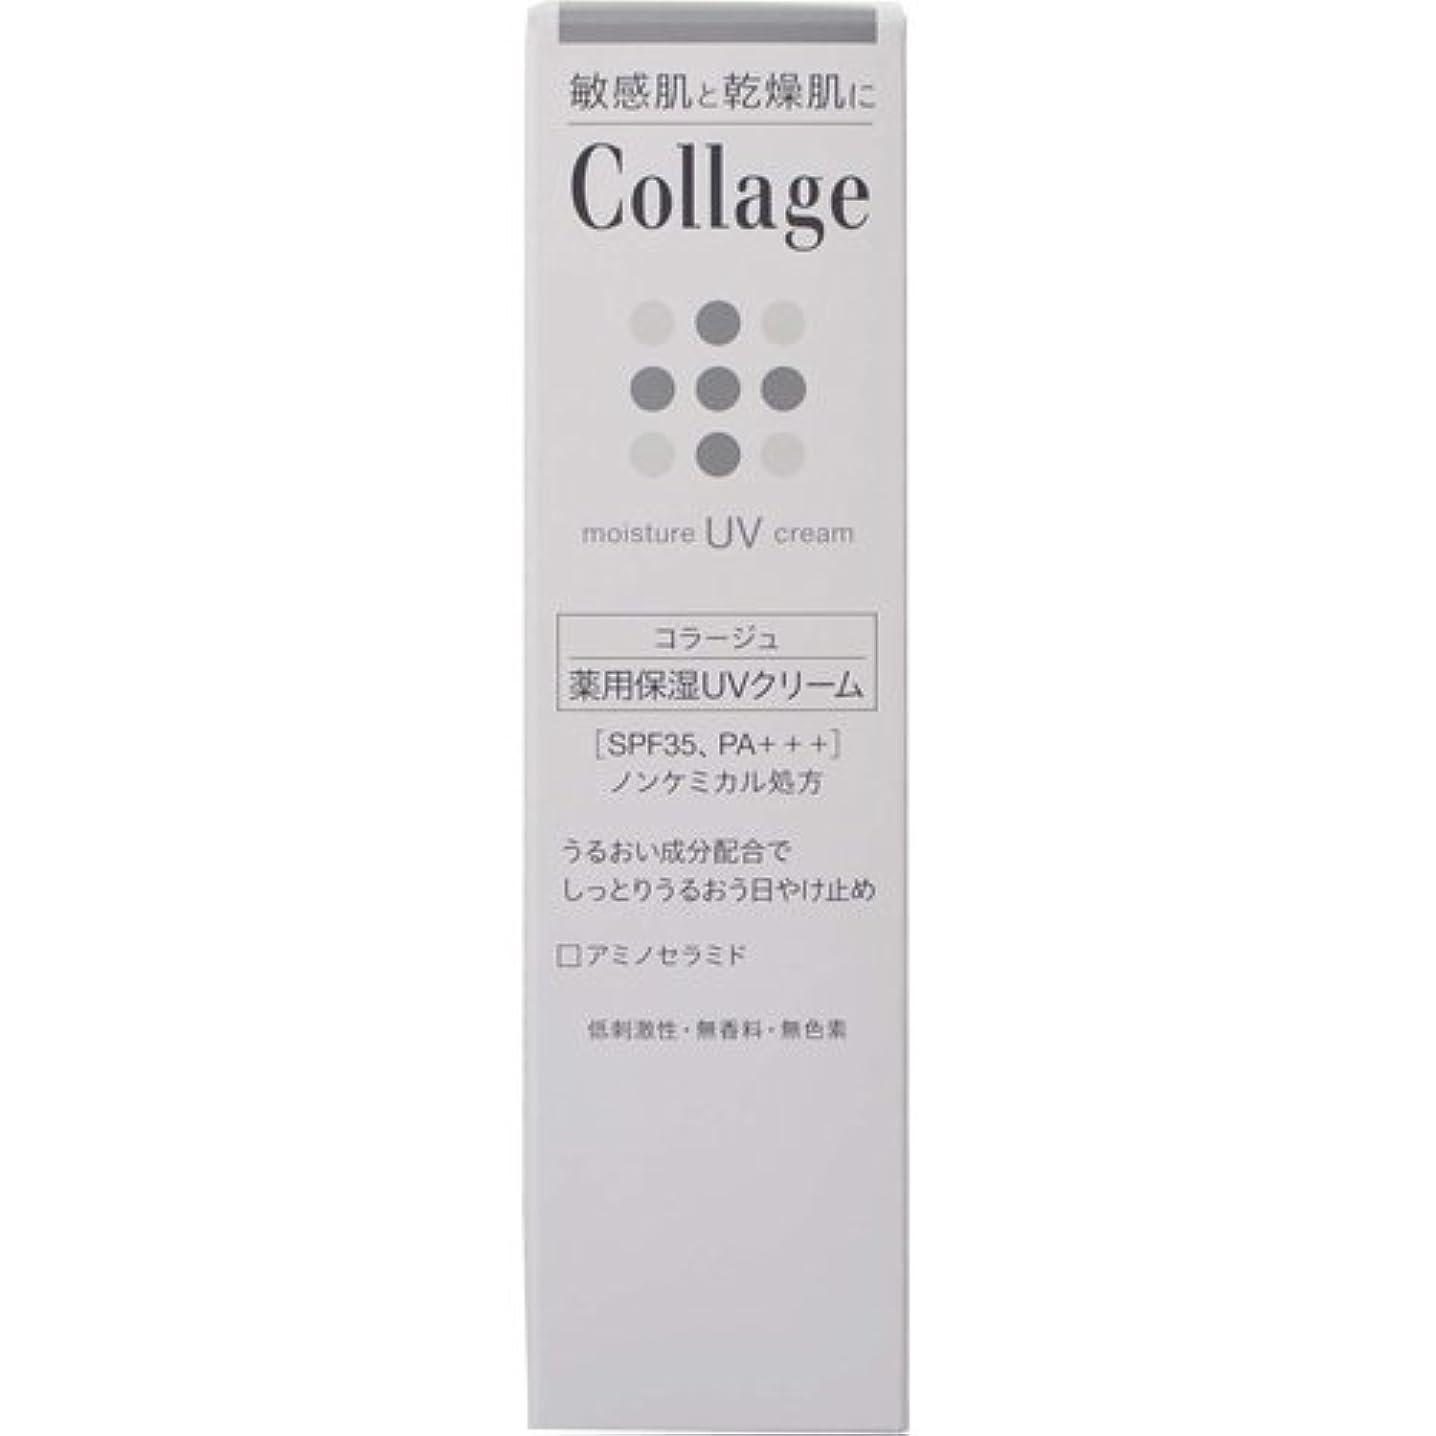 カバレッジアンプ周囲コラージュ 薬用保湿UVクリーム 30g 【医薬部外品】